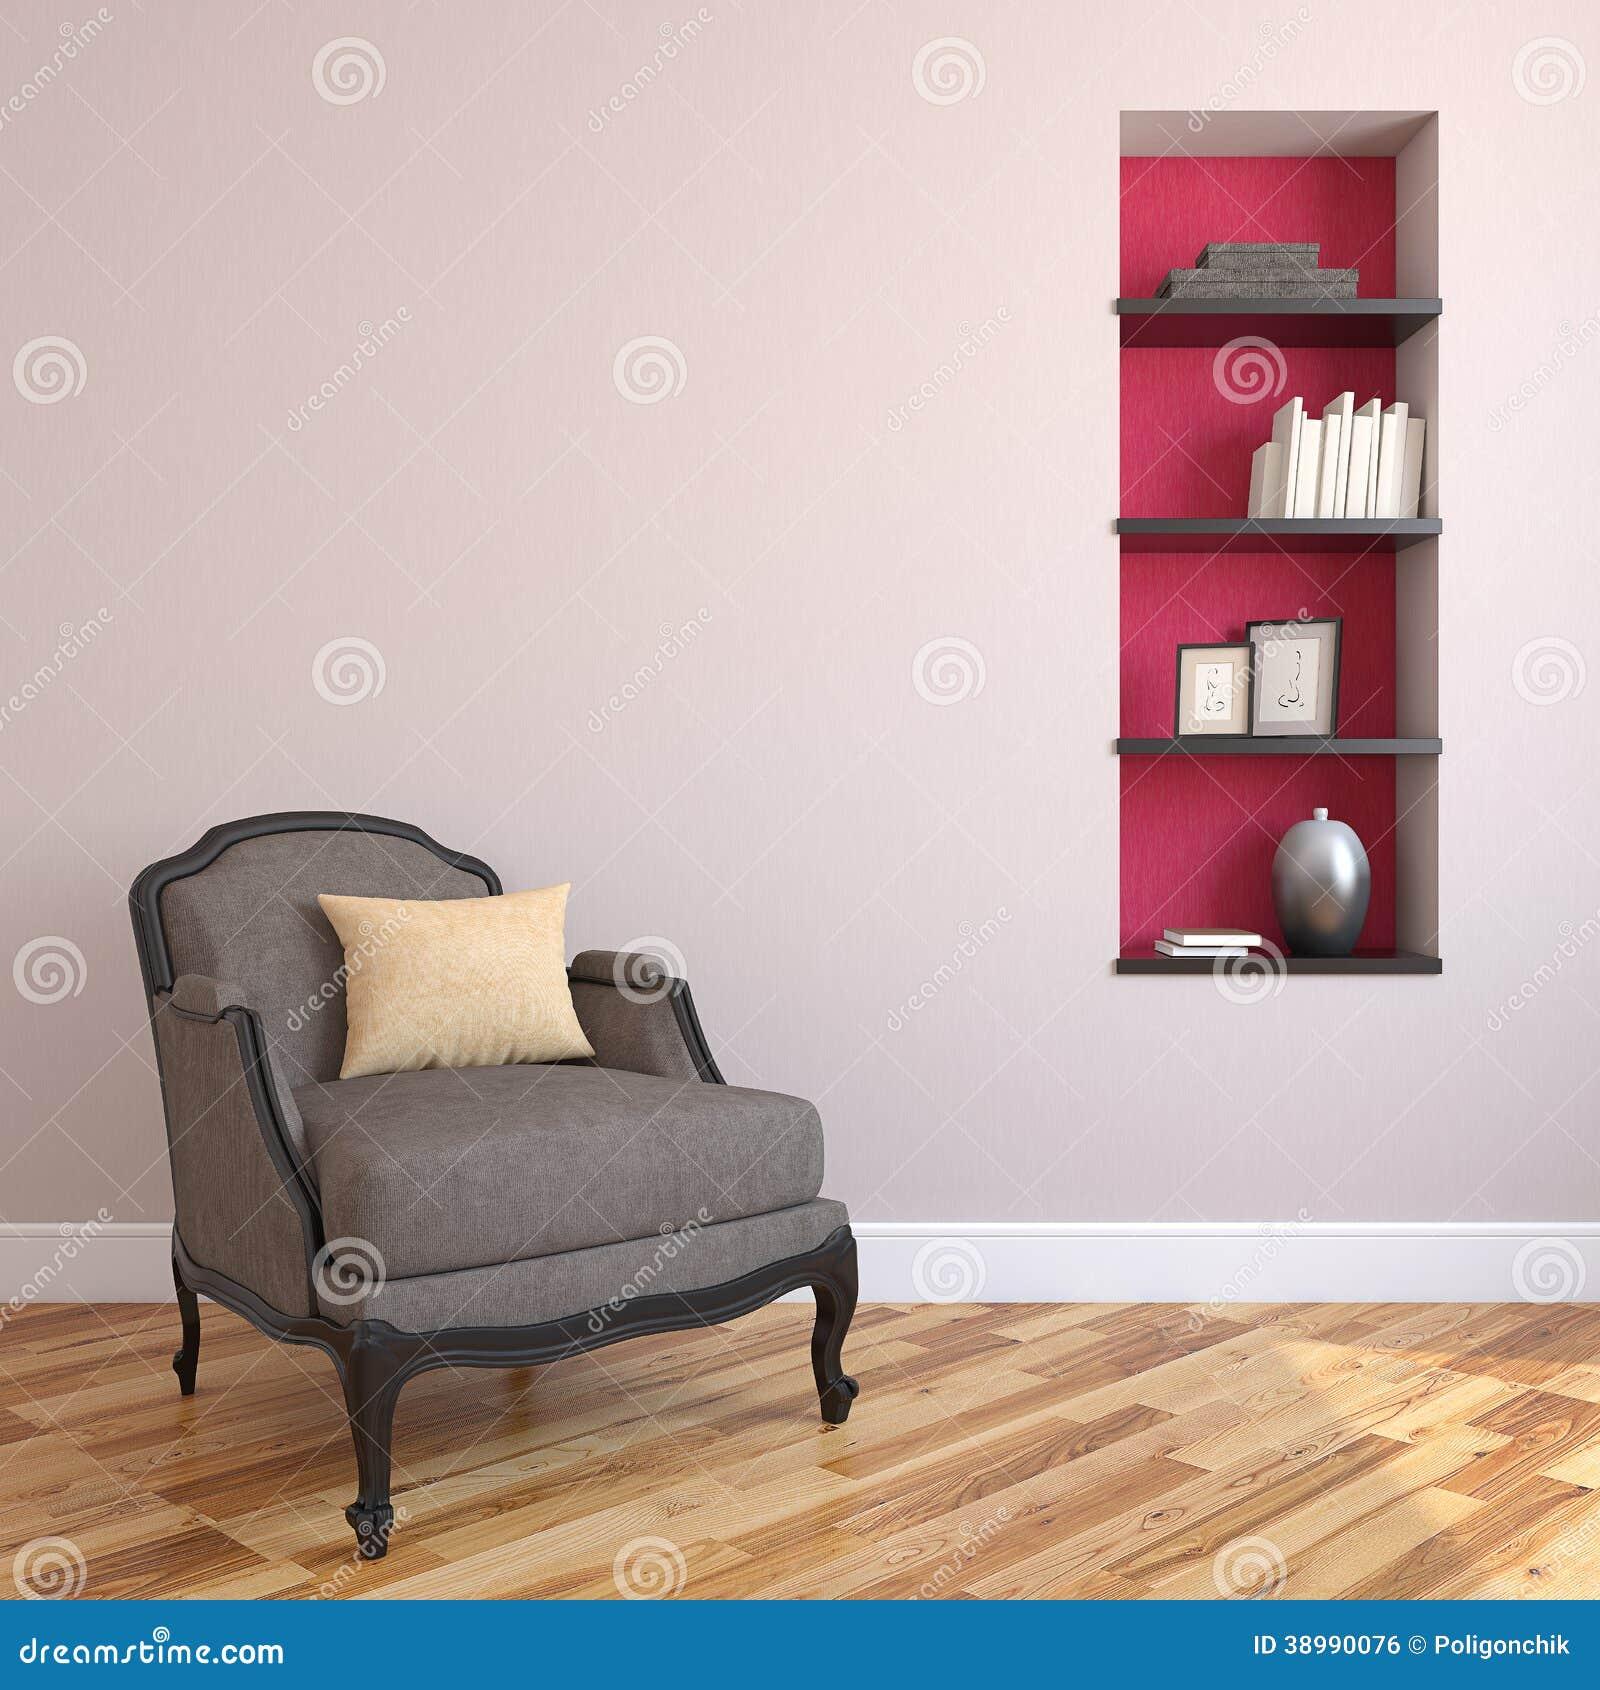 Interiorof-Wohnzimmer.